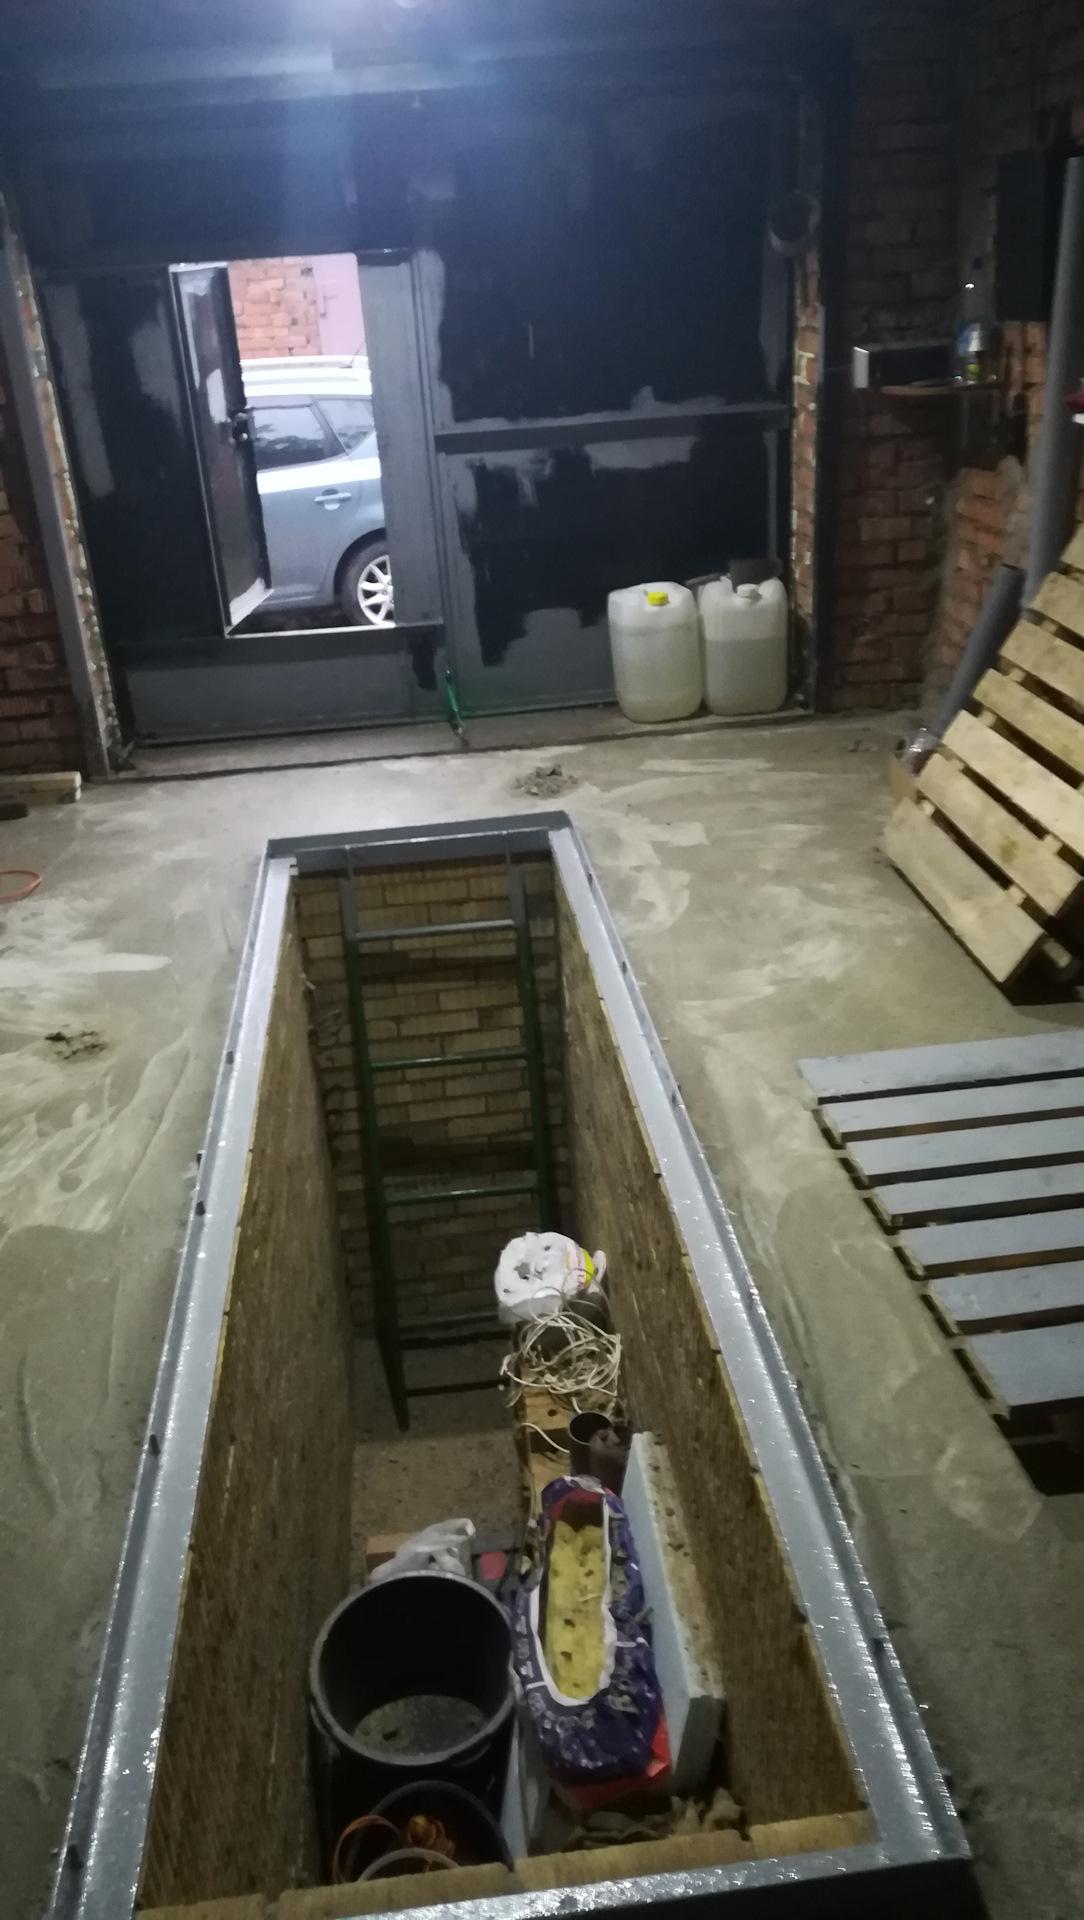 Как сделать яму в гараже своими руками - инструкция с фото и видео как сделать яму в гараже своими руками - инструкция с фото и видео